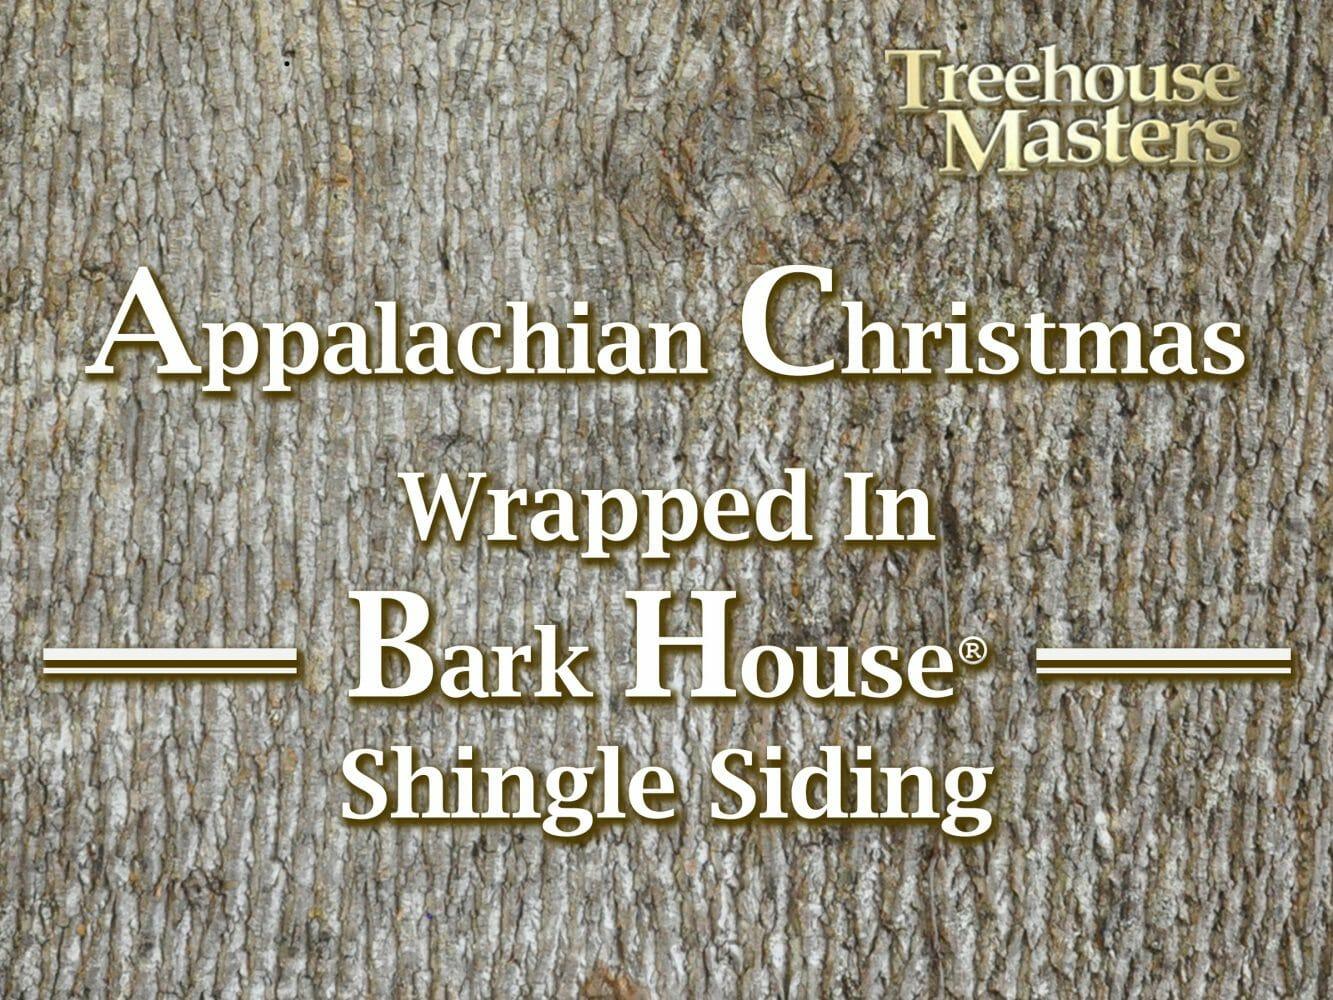 treehouse-masters-bark-house-exterior-siding-3